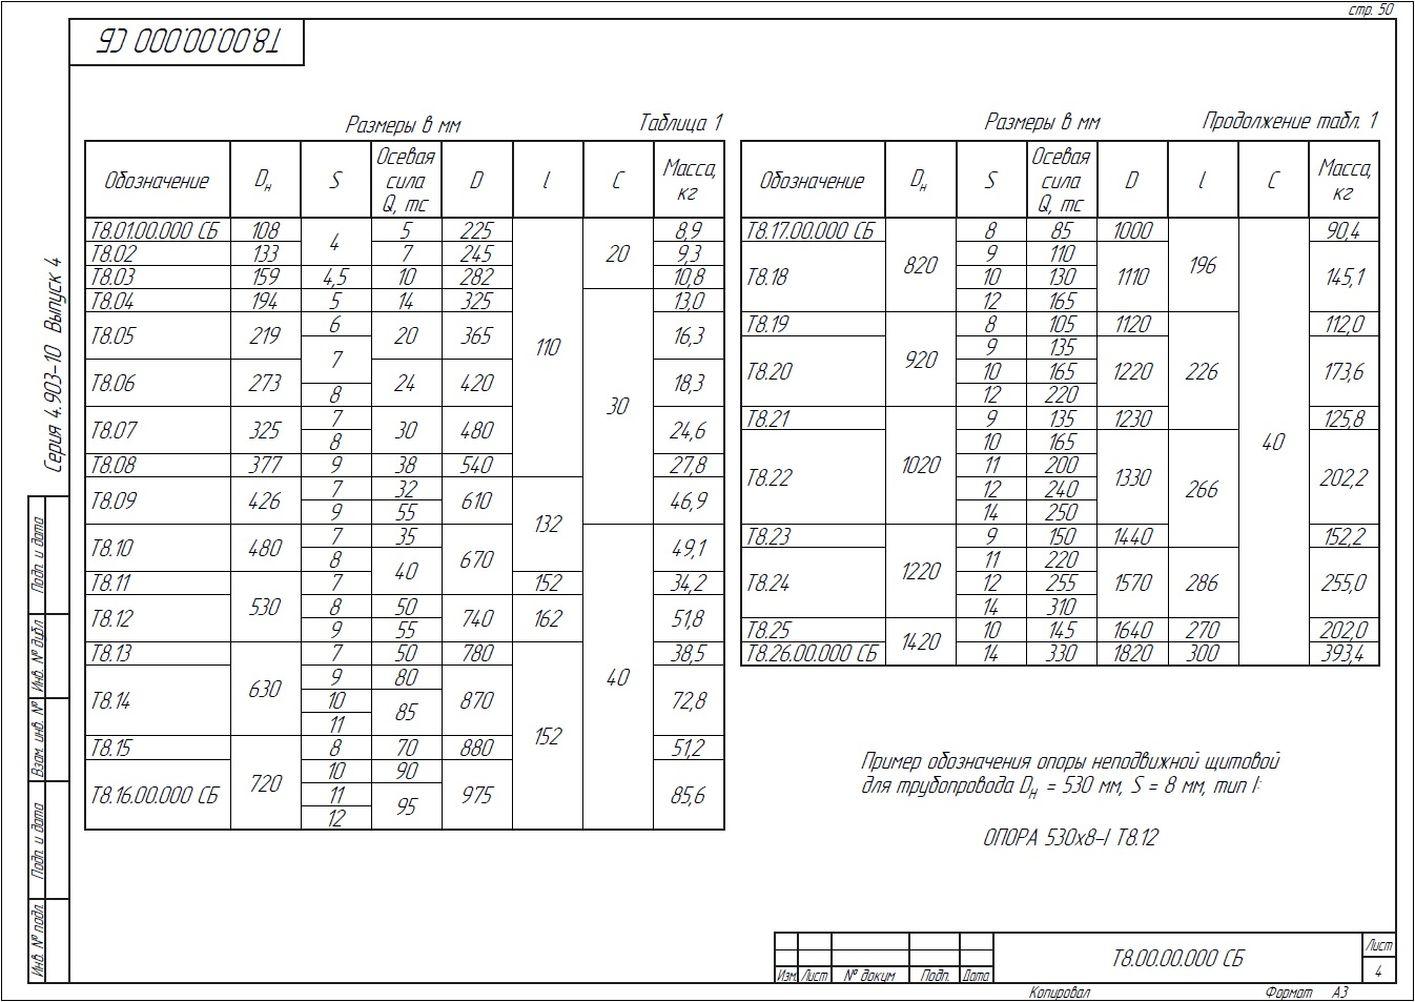 Опора неподвижная щитовая Т8 серия 4.903-10 вып.4 стр.4